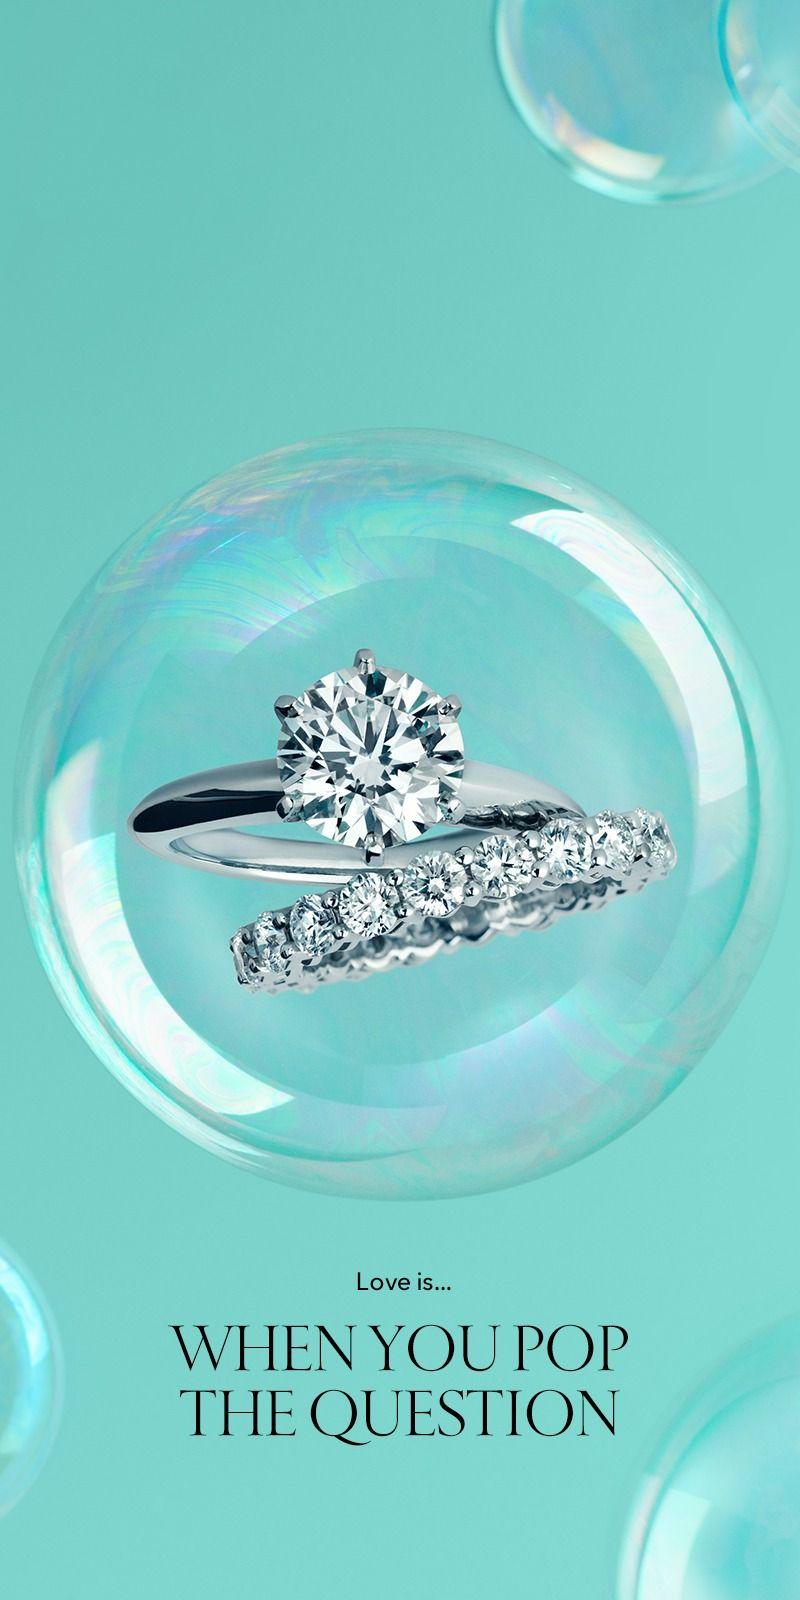 The Tiffany Setting Tiffany Ring and Tiffany blue